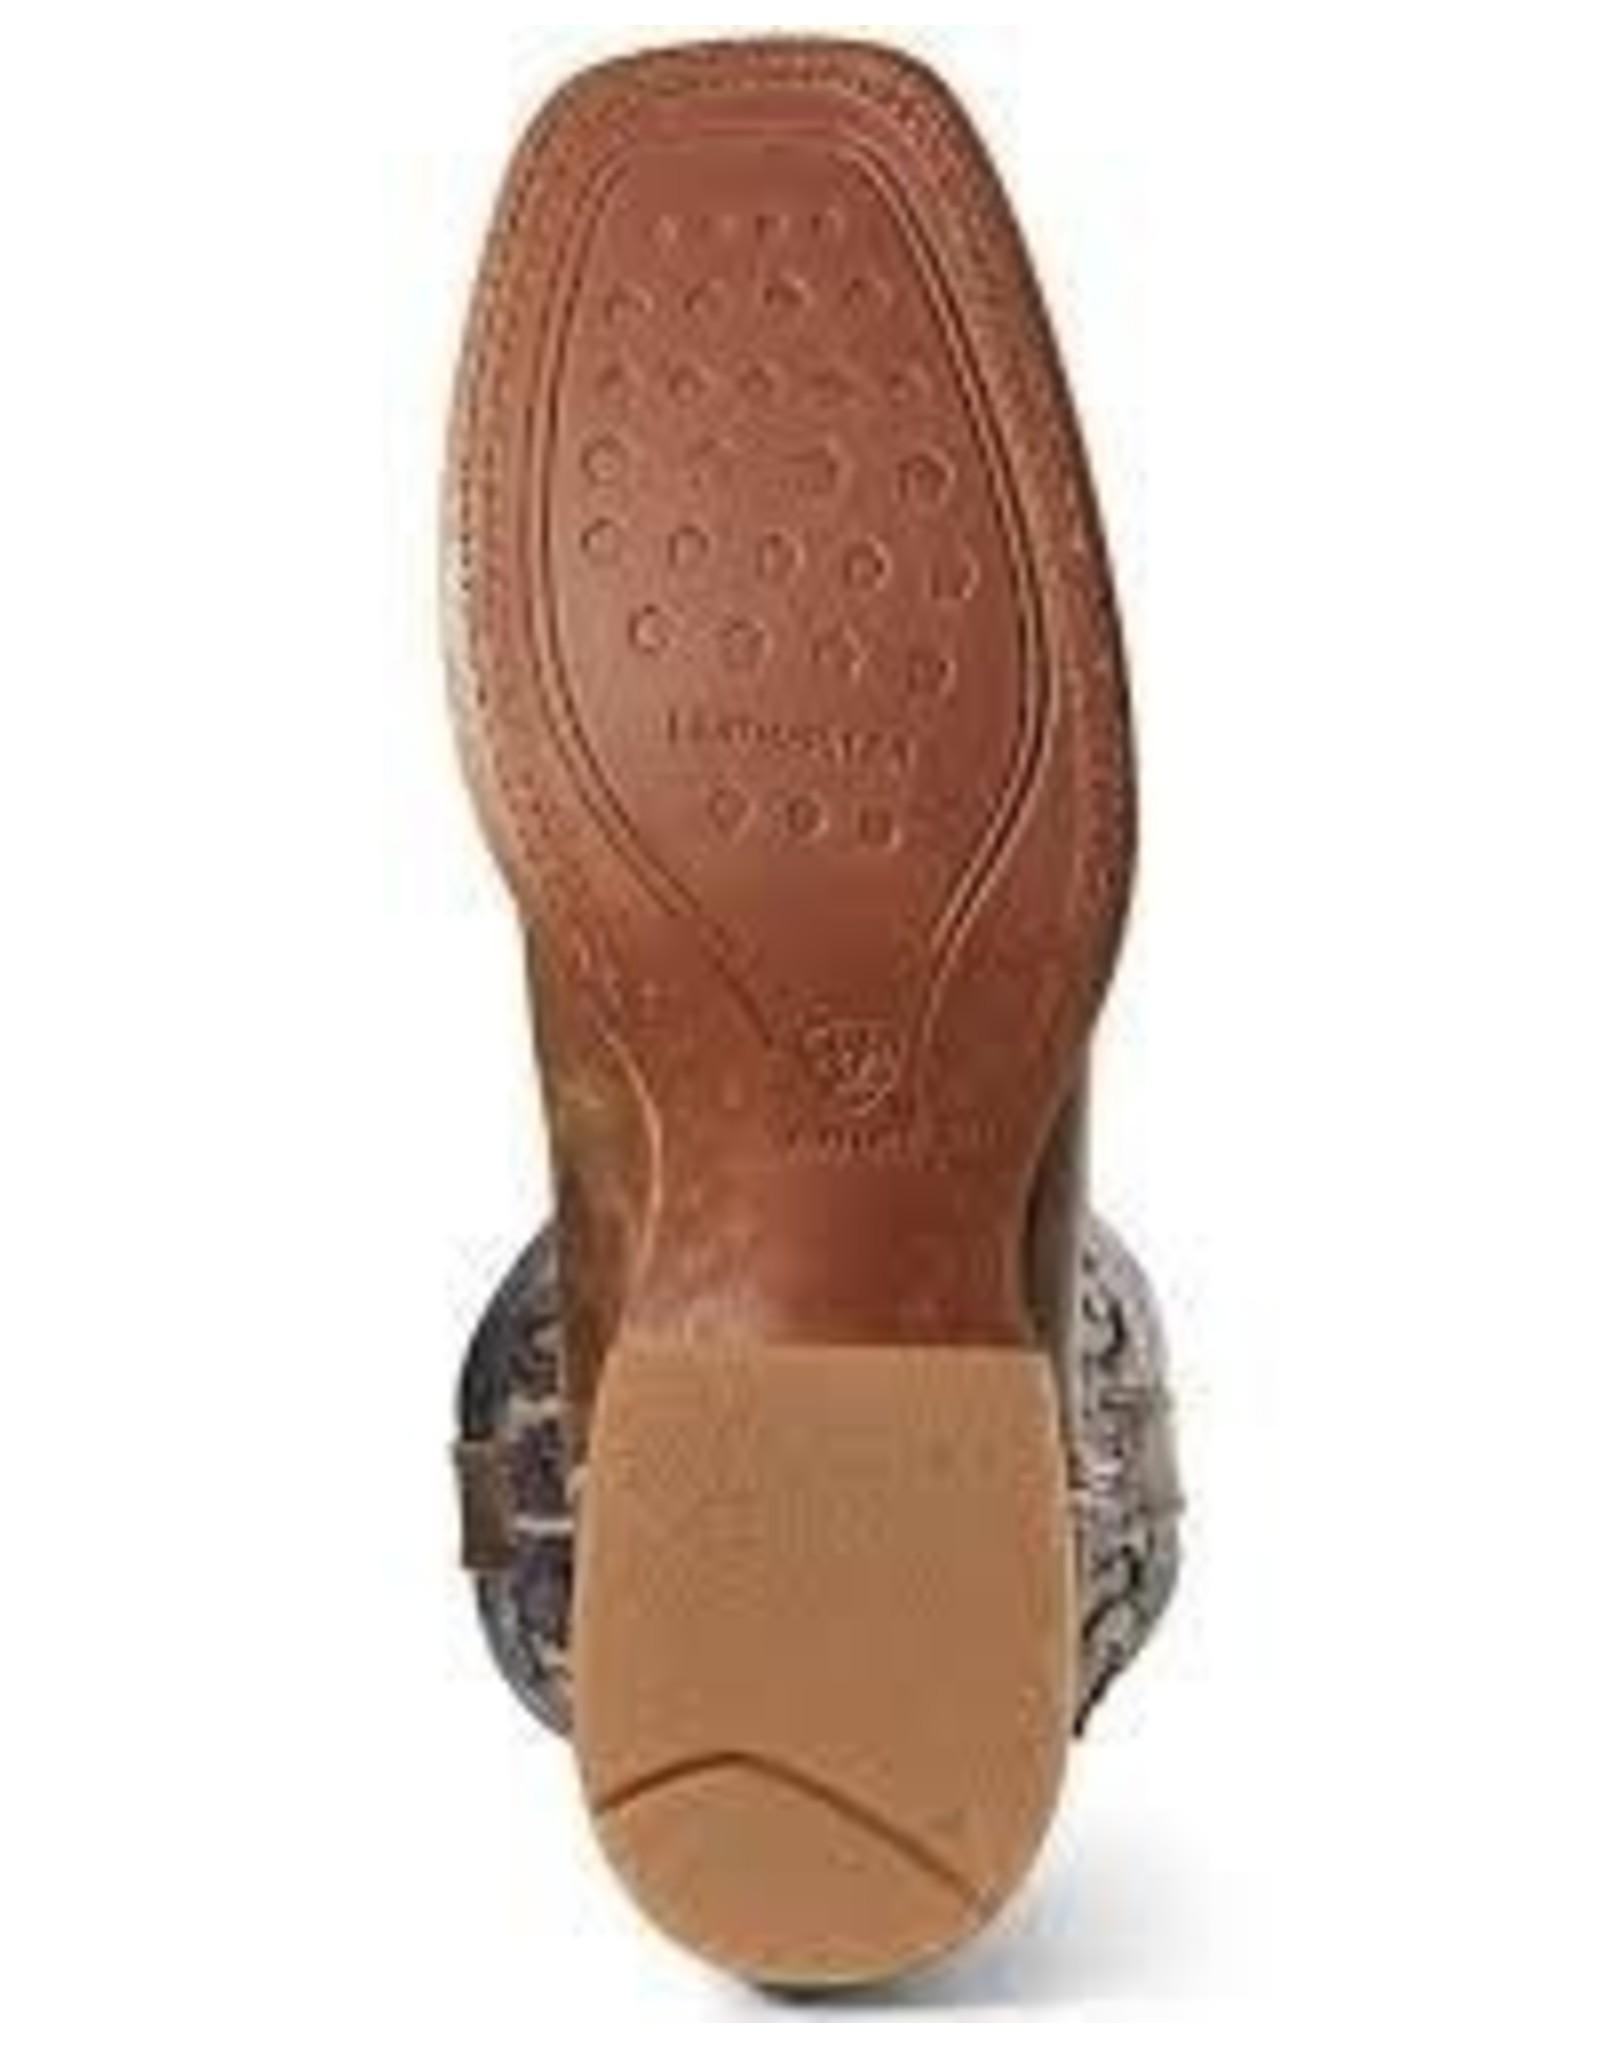 Boots-Men Ariat 10027172  Fresh Wheat VentTEK